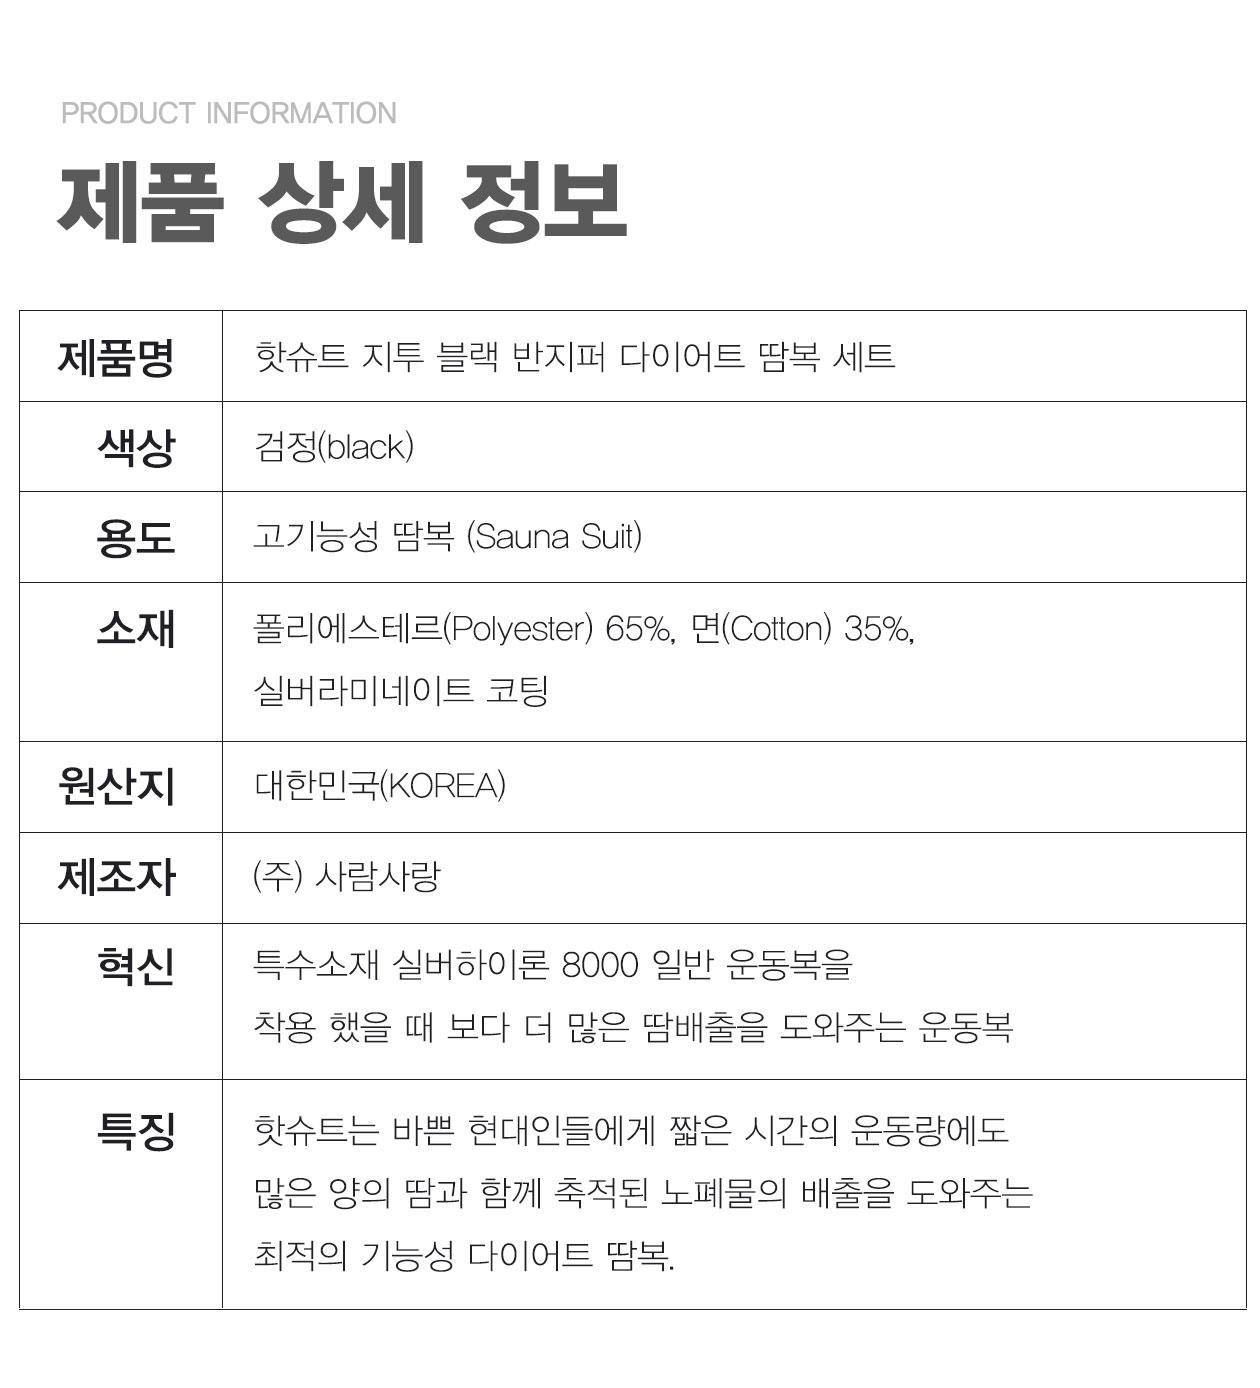 제품명 핫슈트 지투 블랙 반지퍼 다이어트 땀복 세트 색상 검정(Black) 용도 고기능성 땀복(Sauna Suit) 소재 폴리에스테르(Polyester)65%, 면(Cotton)35%,실버라미네이트 코팅 원산지 대한민국(KOREA) 제조자 (주)사람사랑 혁신 특수소재 실버하이론 8000 일반 운동복을 착용 했을 때 보다 더 많은 땀배출을 도와주는 다이어트 땀복 특징 핫슈트는 바쁜 현대인들에게 짧은 시간의 운동량에도 많은 양의 땀과 함께 축적된 노폐물의 배출을 도와주는 최적의 기능성 다이어트 땀복